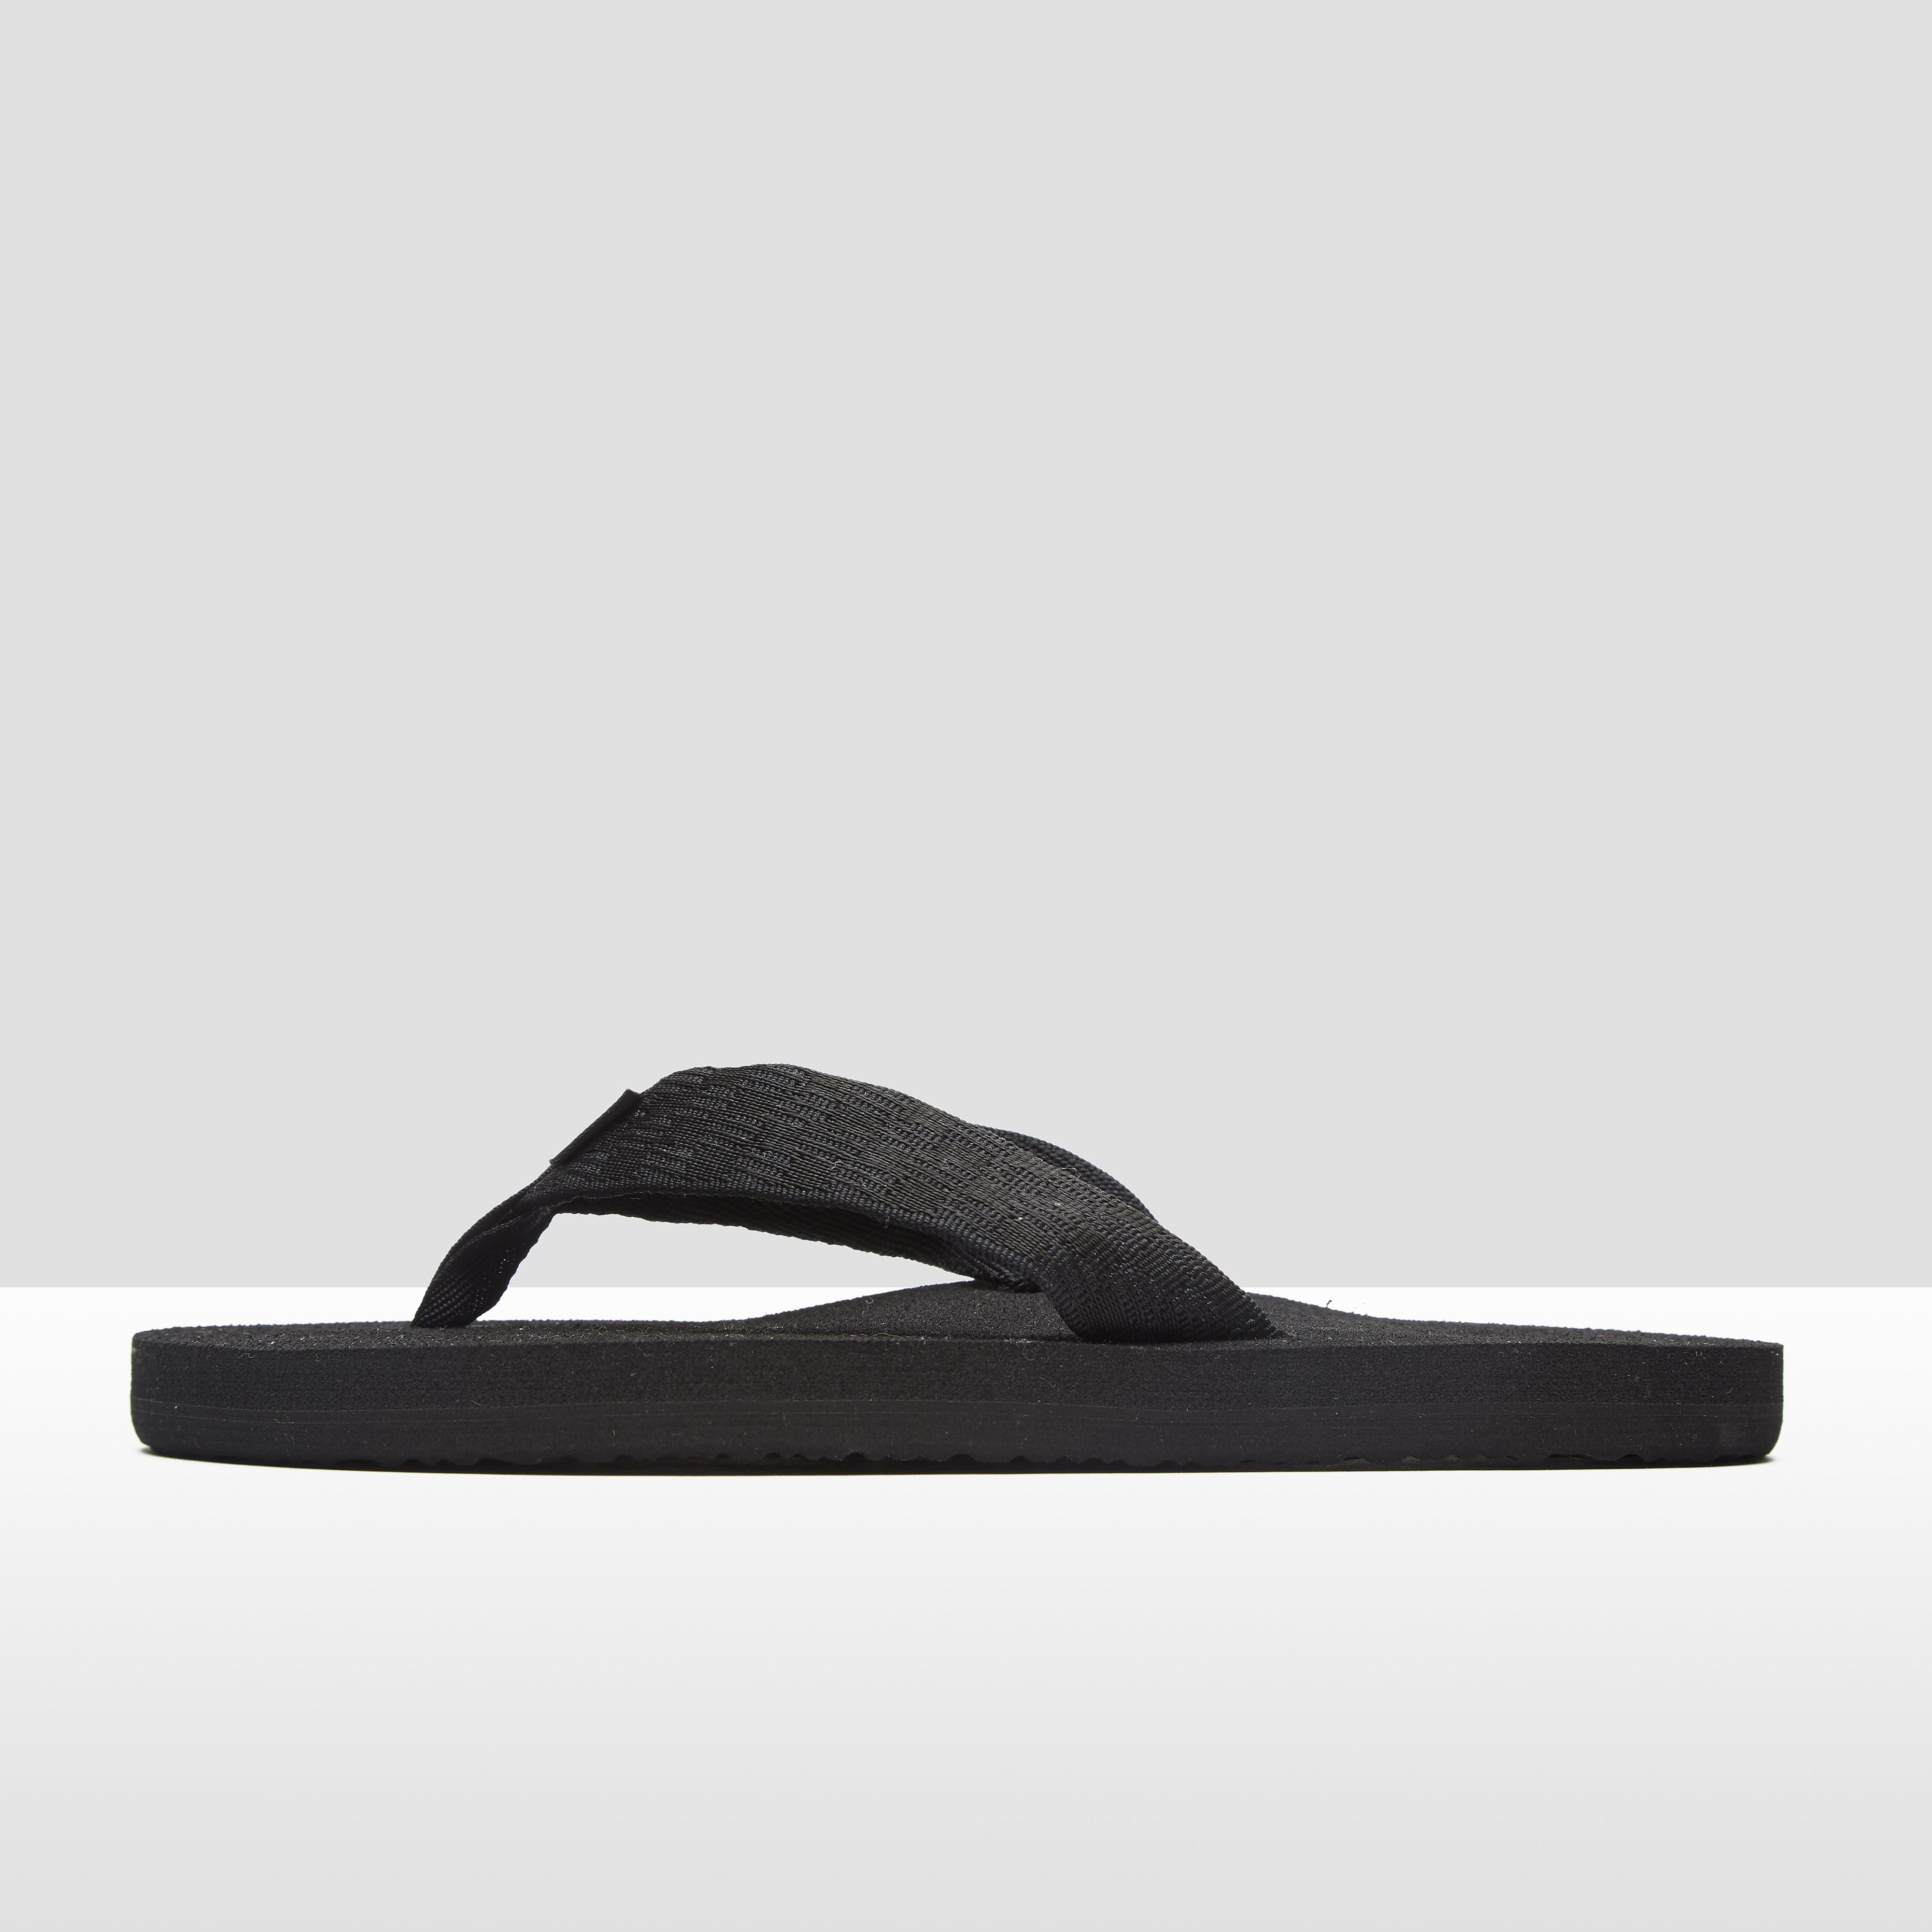 Teva MUSH II Men's Sandals